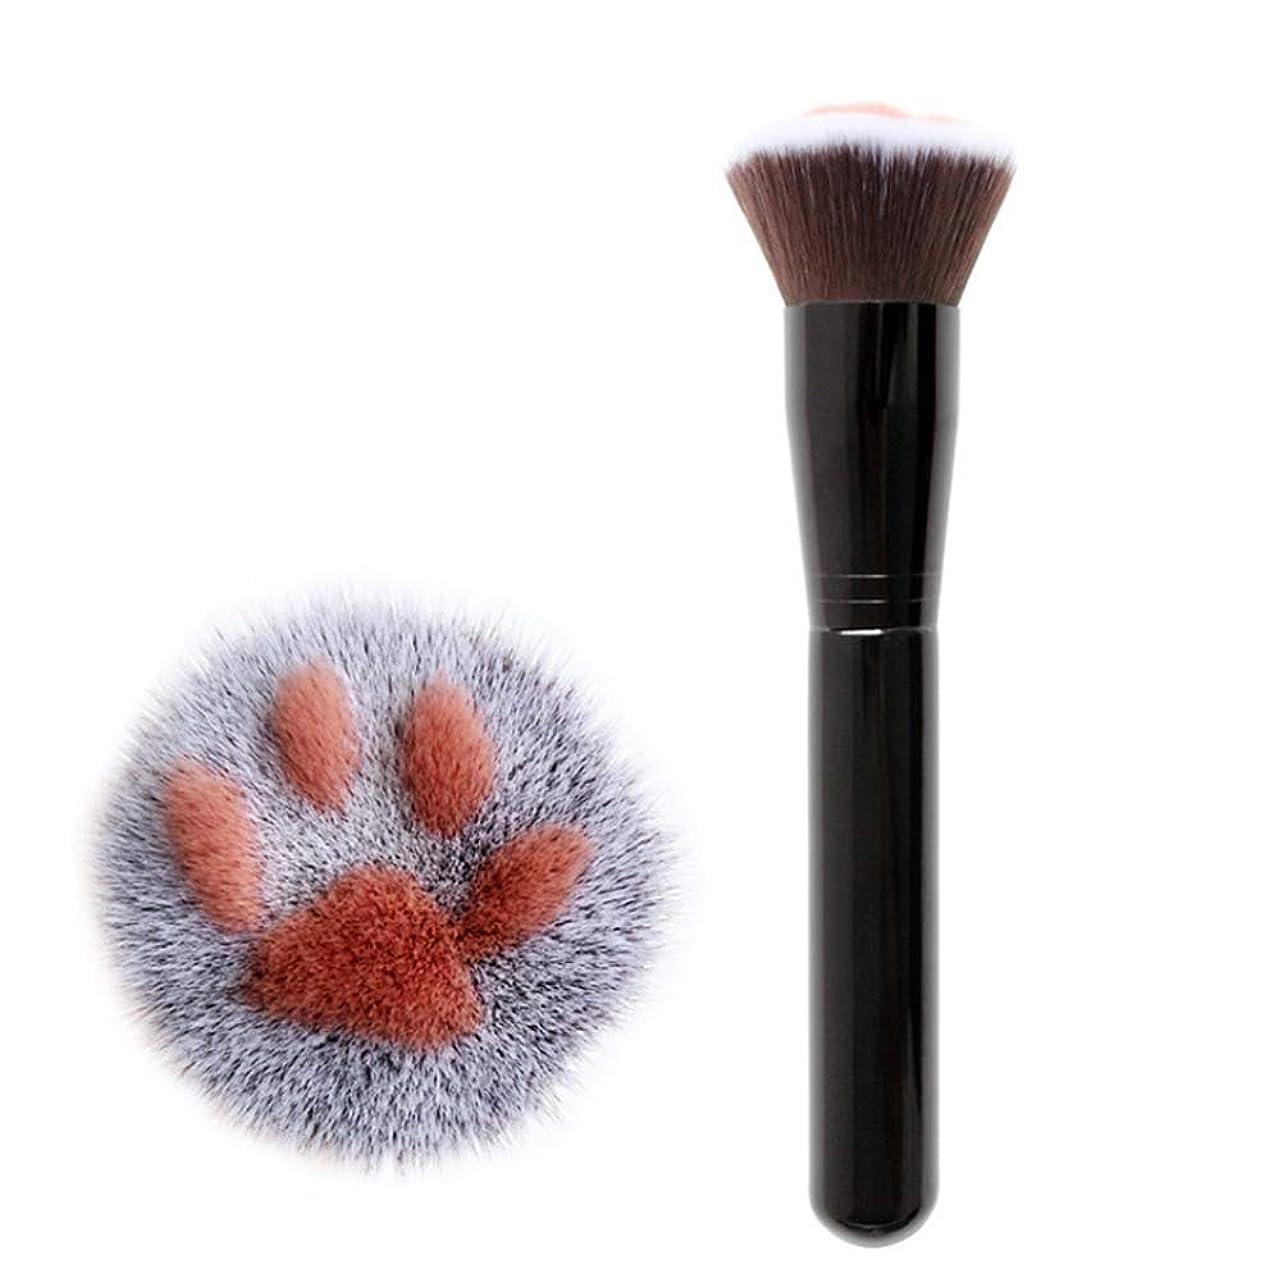 シャイ比喩面積TerGOOSE メイクブラシ 化粧筆 専用メイクブラシ アイシャドウブラシ ブラシ 猫の爪 高級繊維毛 コスメ 高品質 目元 可愛い 快適な 安全性 オシャレ 人気 ギフト(ブラック)